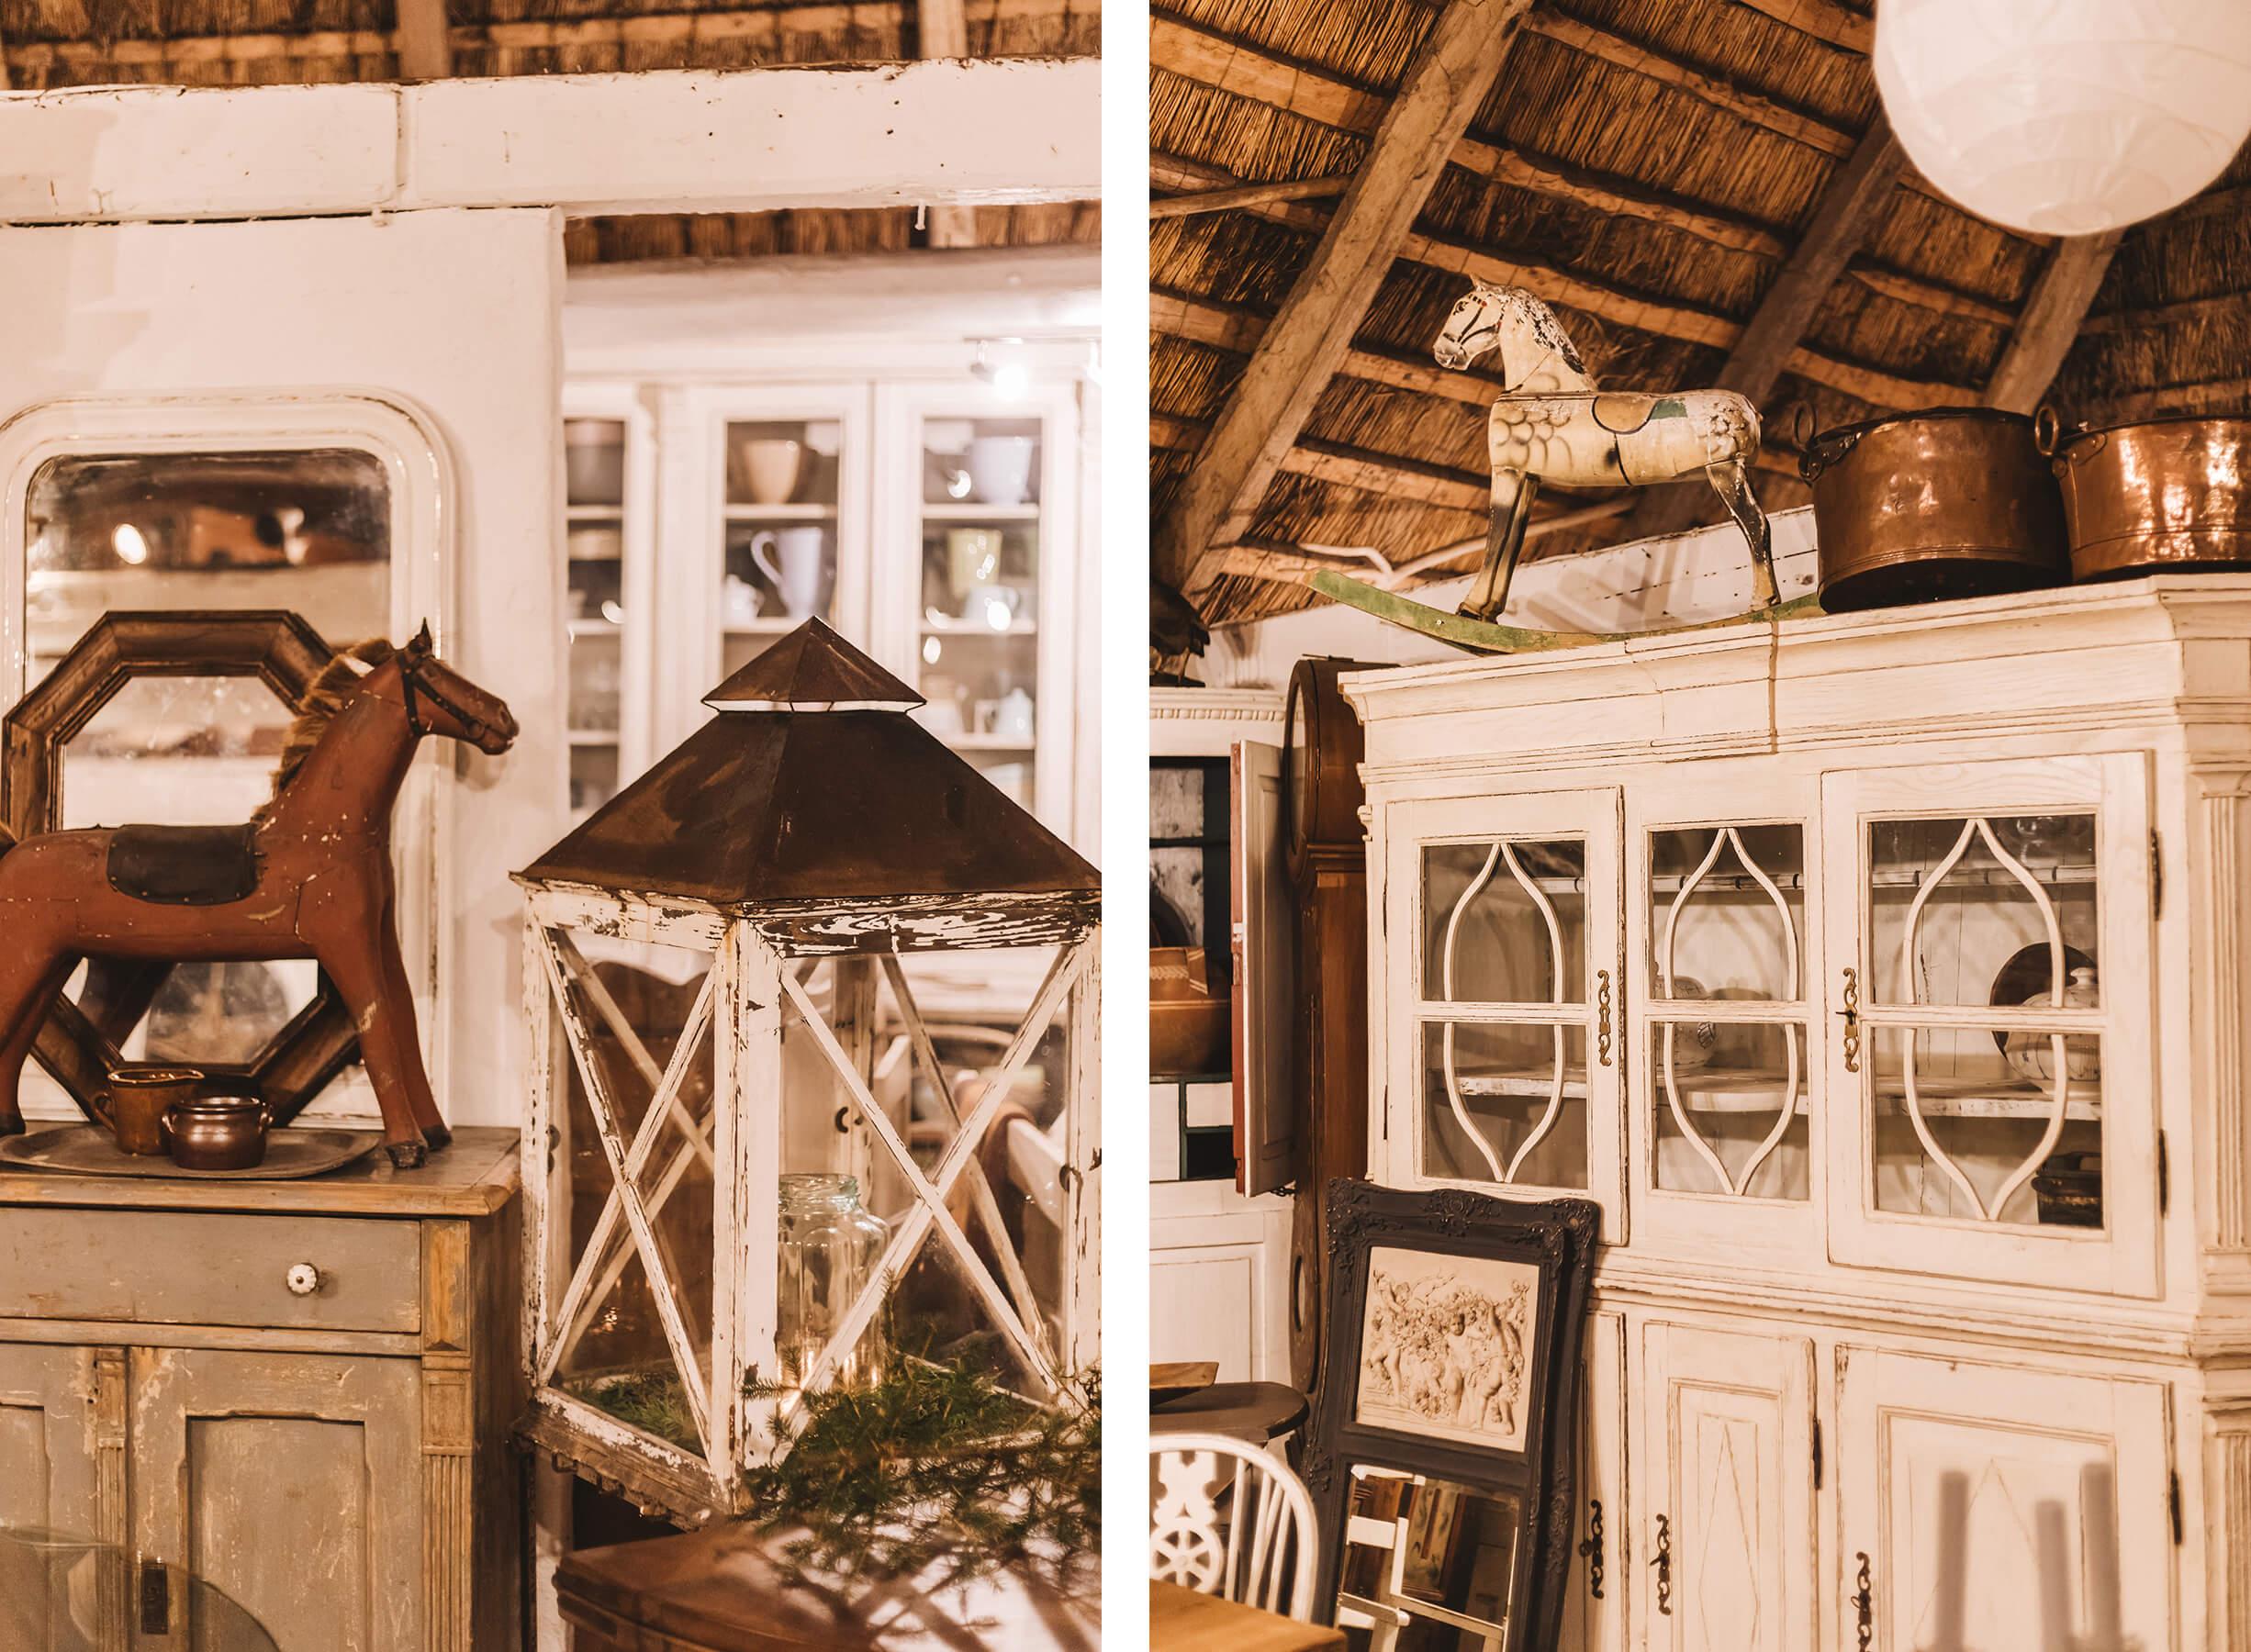 Zur Alten Dorfschmiede Westerland Antiquitäten